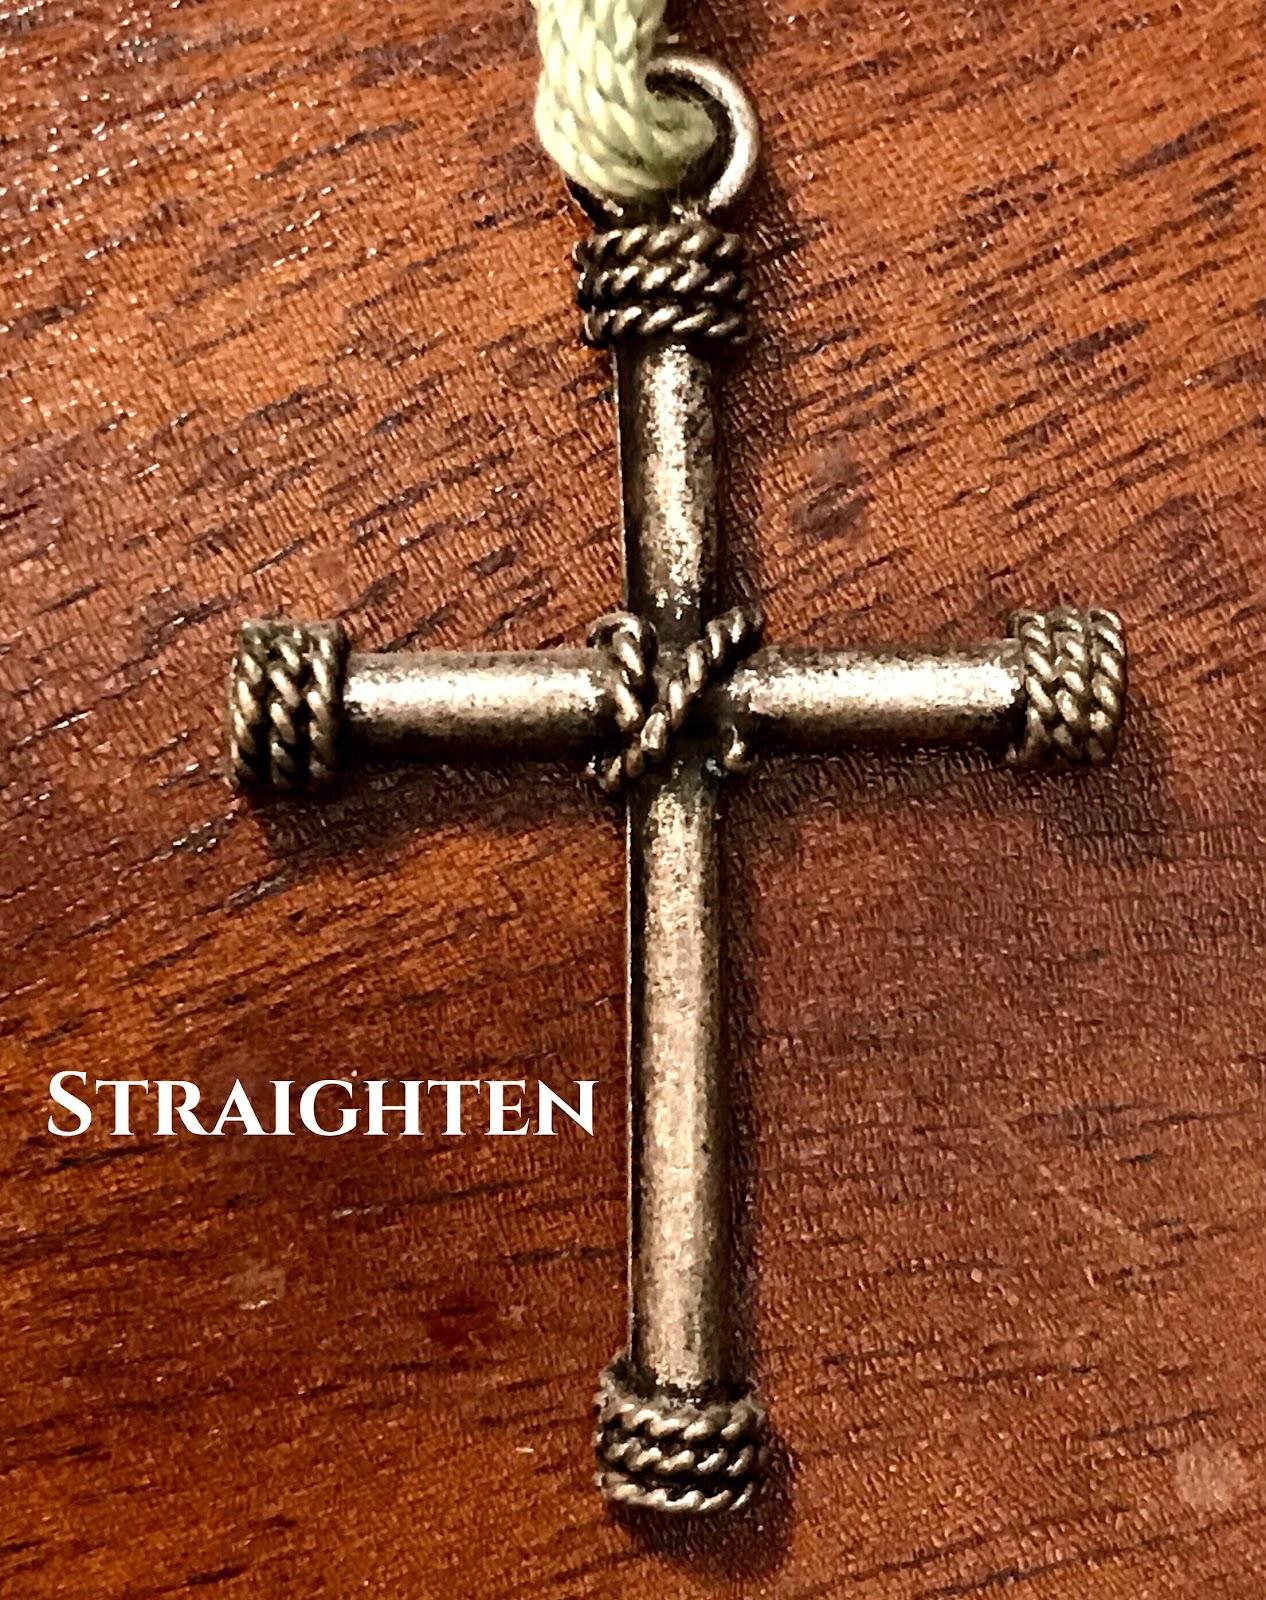 straighten.jpg